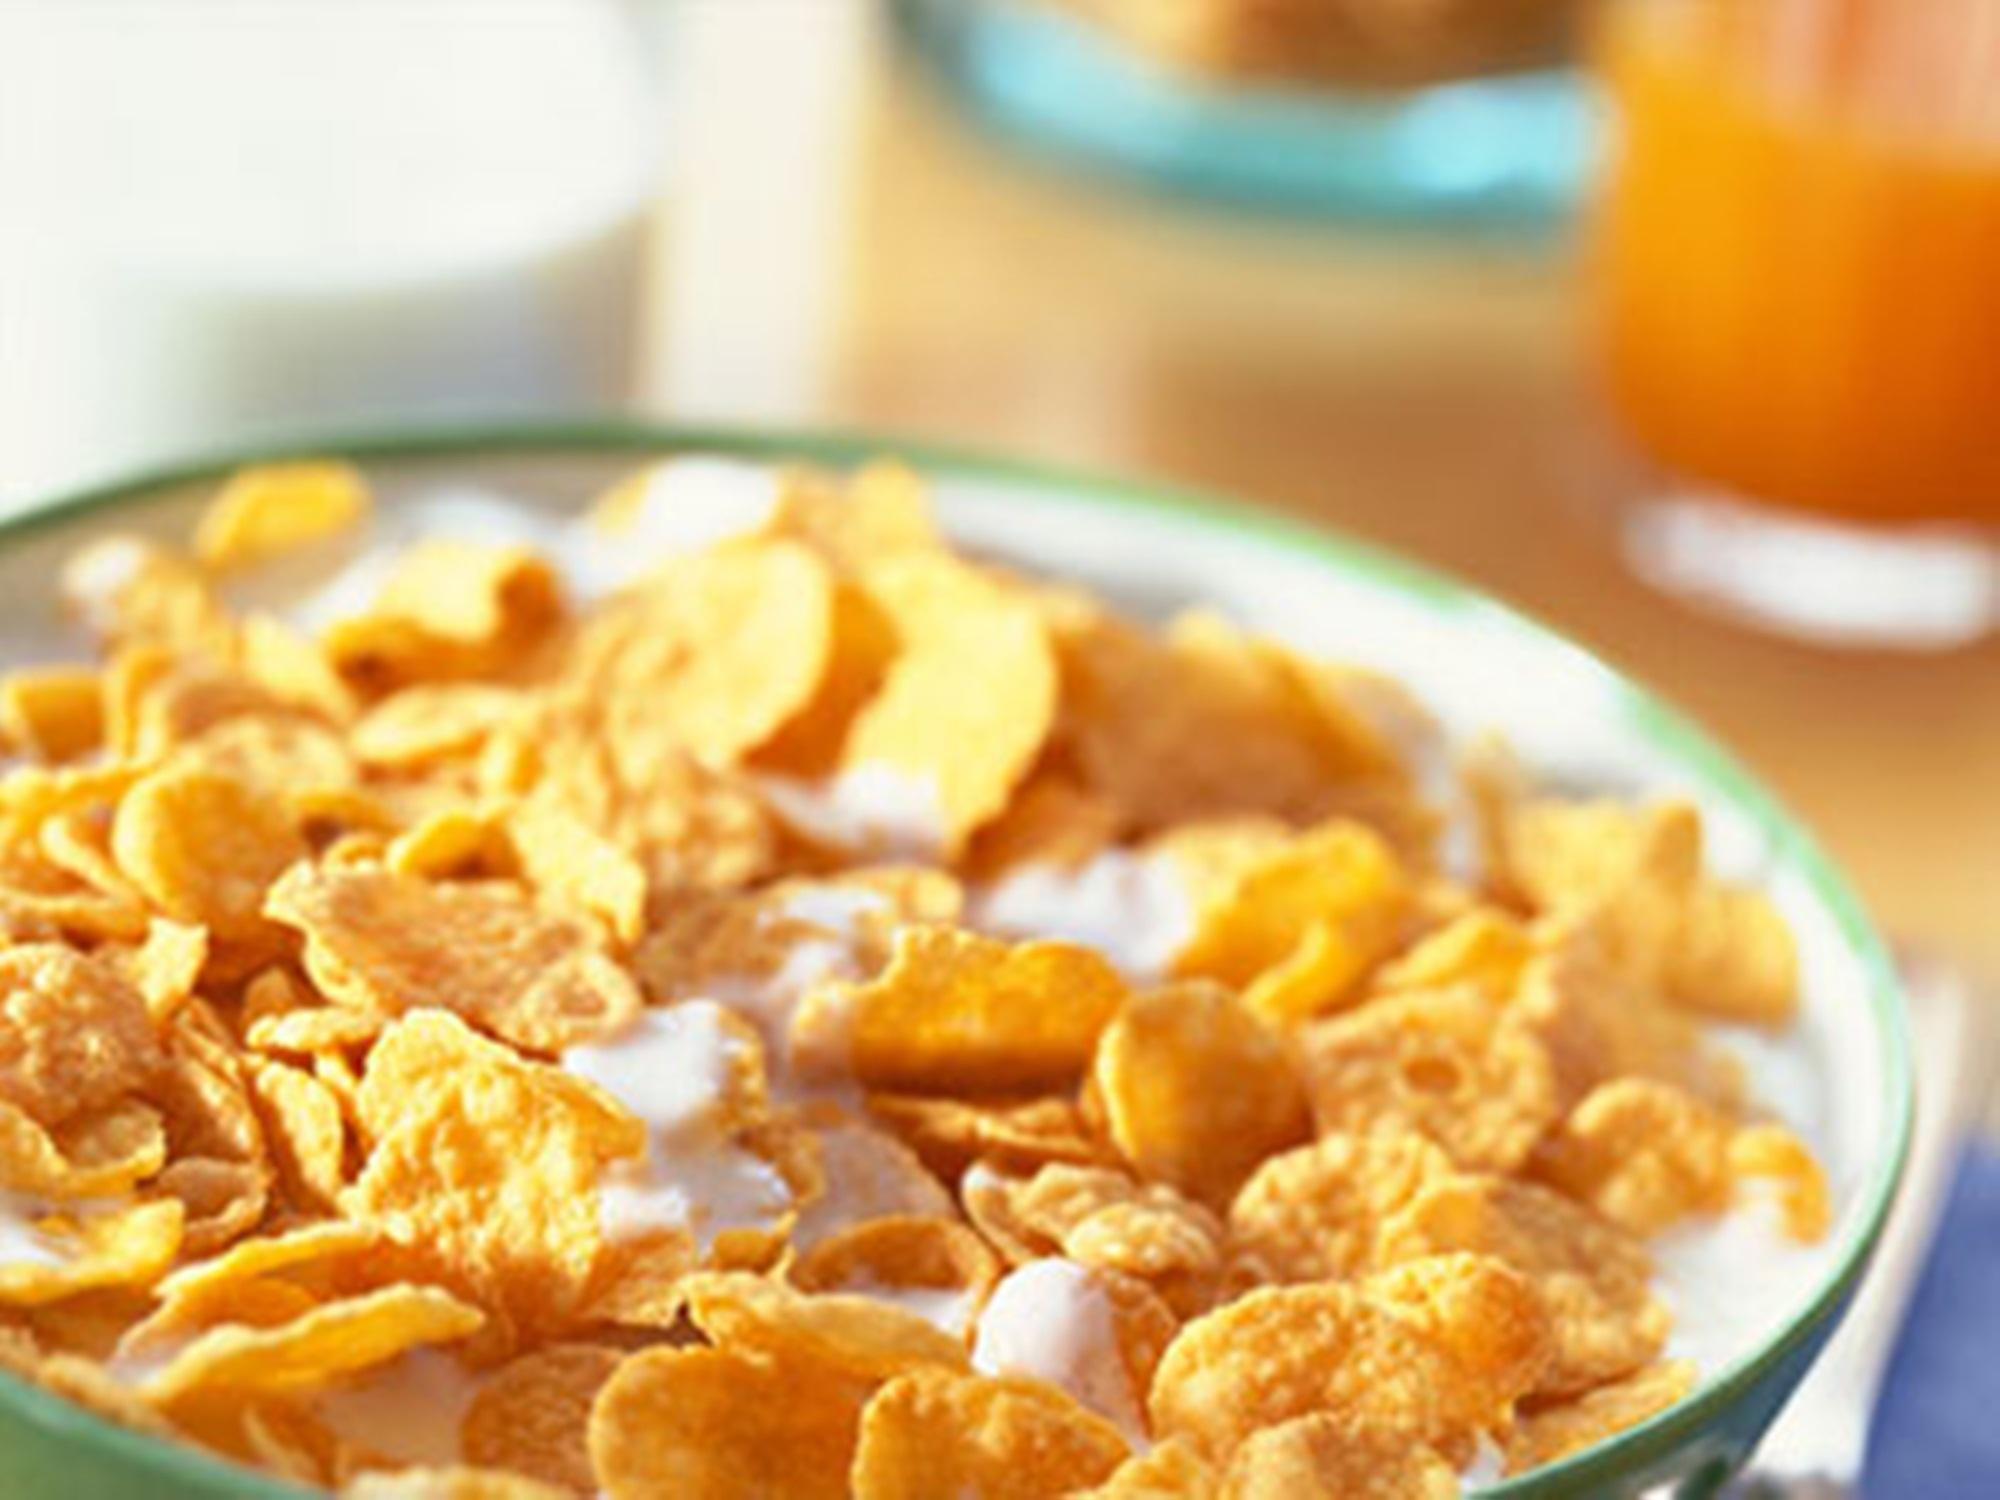 Zehir mi Tüketiyoruz? ABD'deki Kahvaltılık Gevreklerde Kansere Neden Olan  Glifosat Kalıntısına Rastlandı - onedio.com